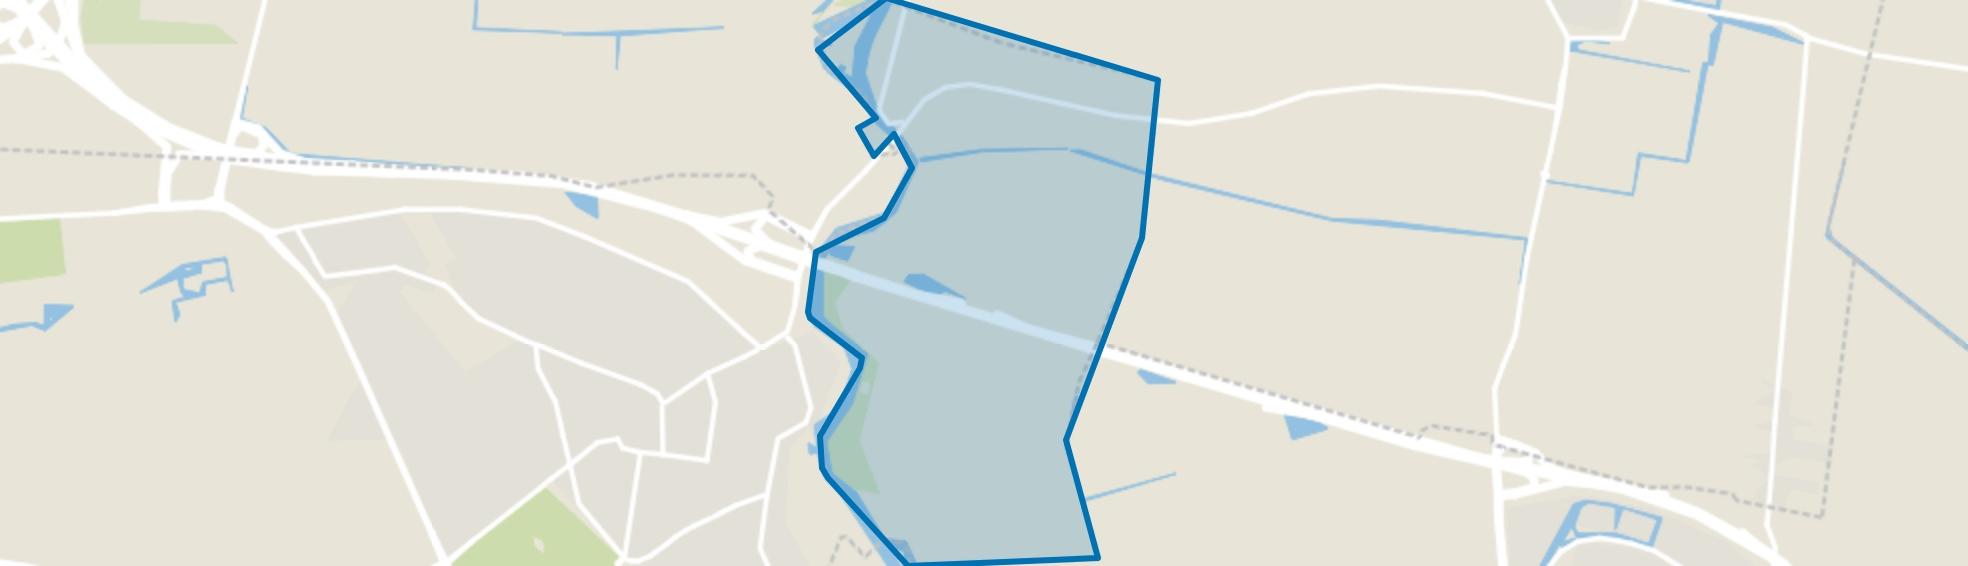 Eemland waaronder Eembrugge, Baarn map